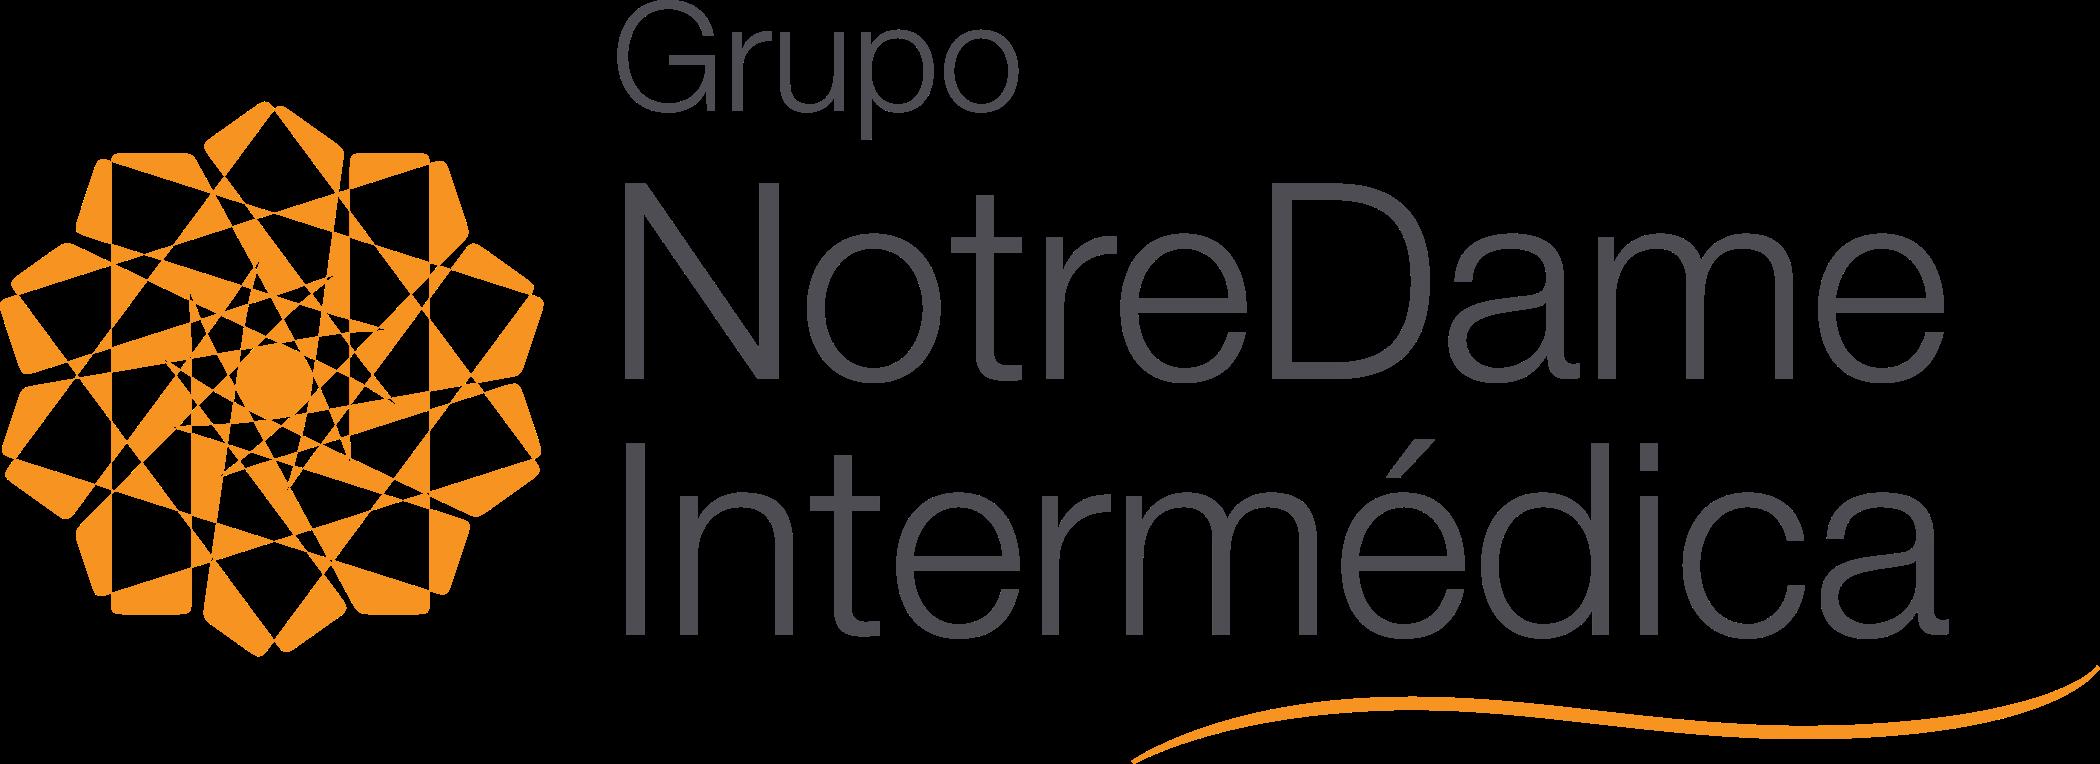 Grupo NotreDame Intermédica Logo.